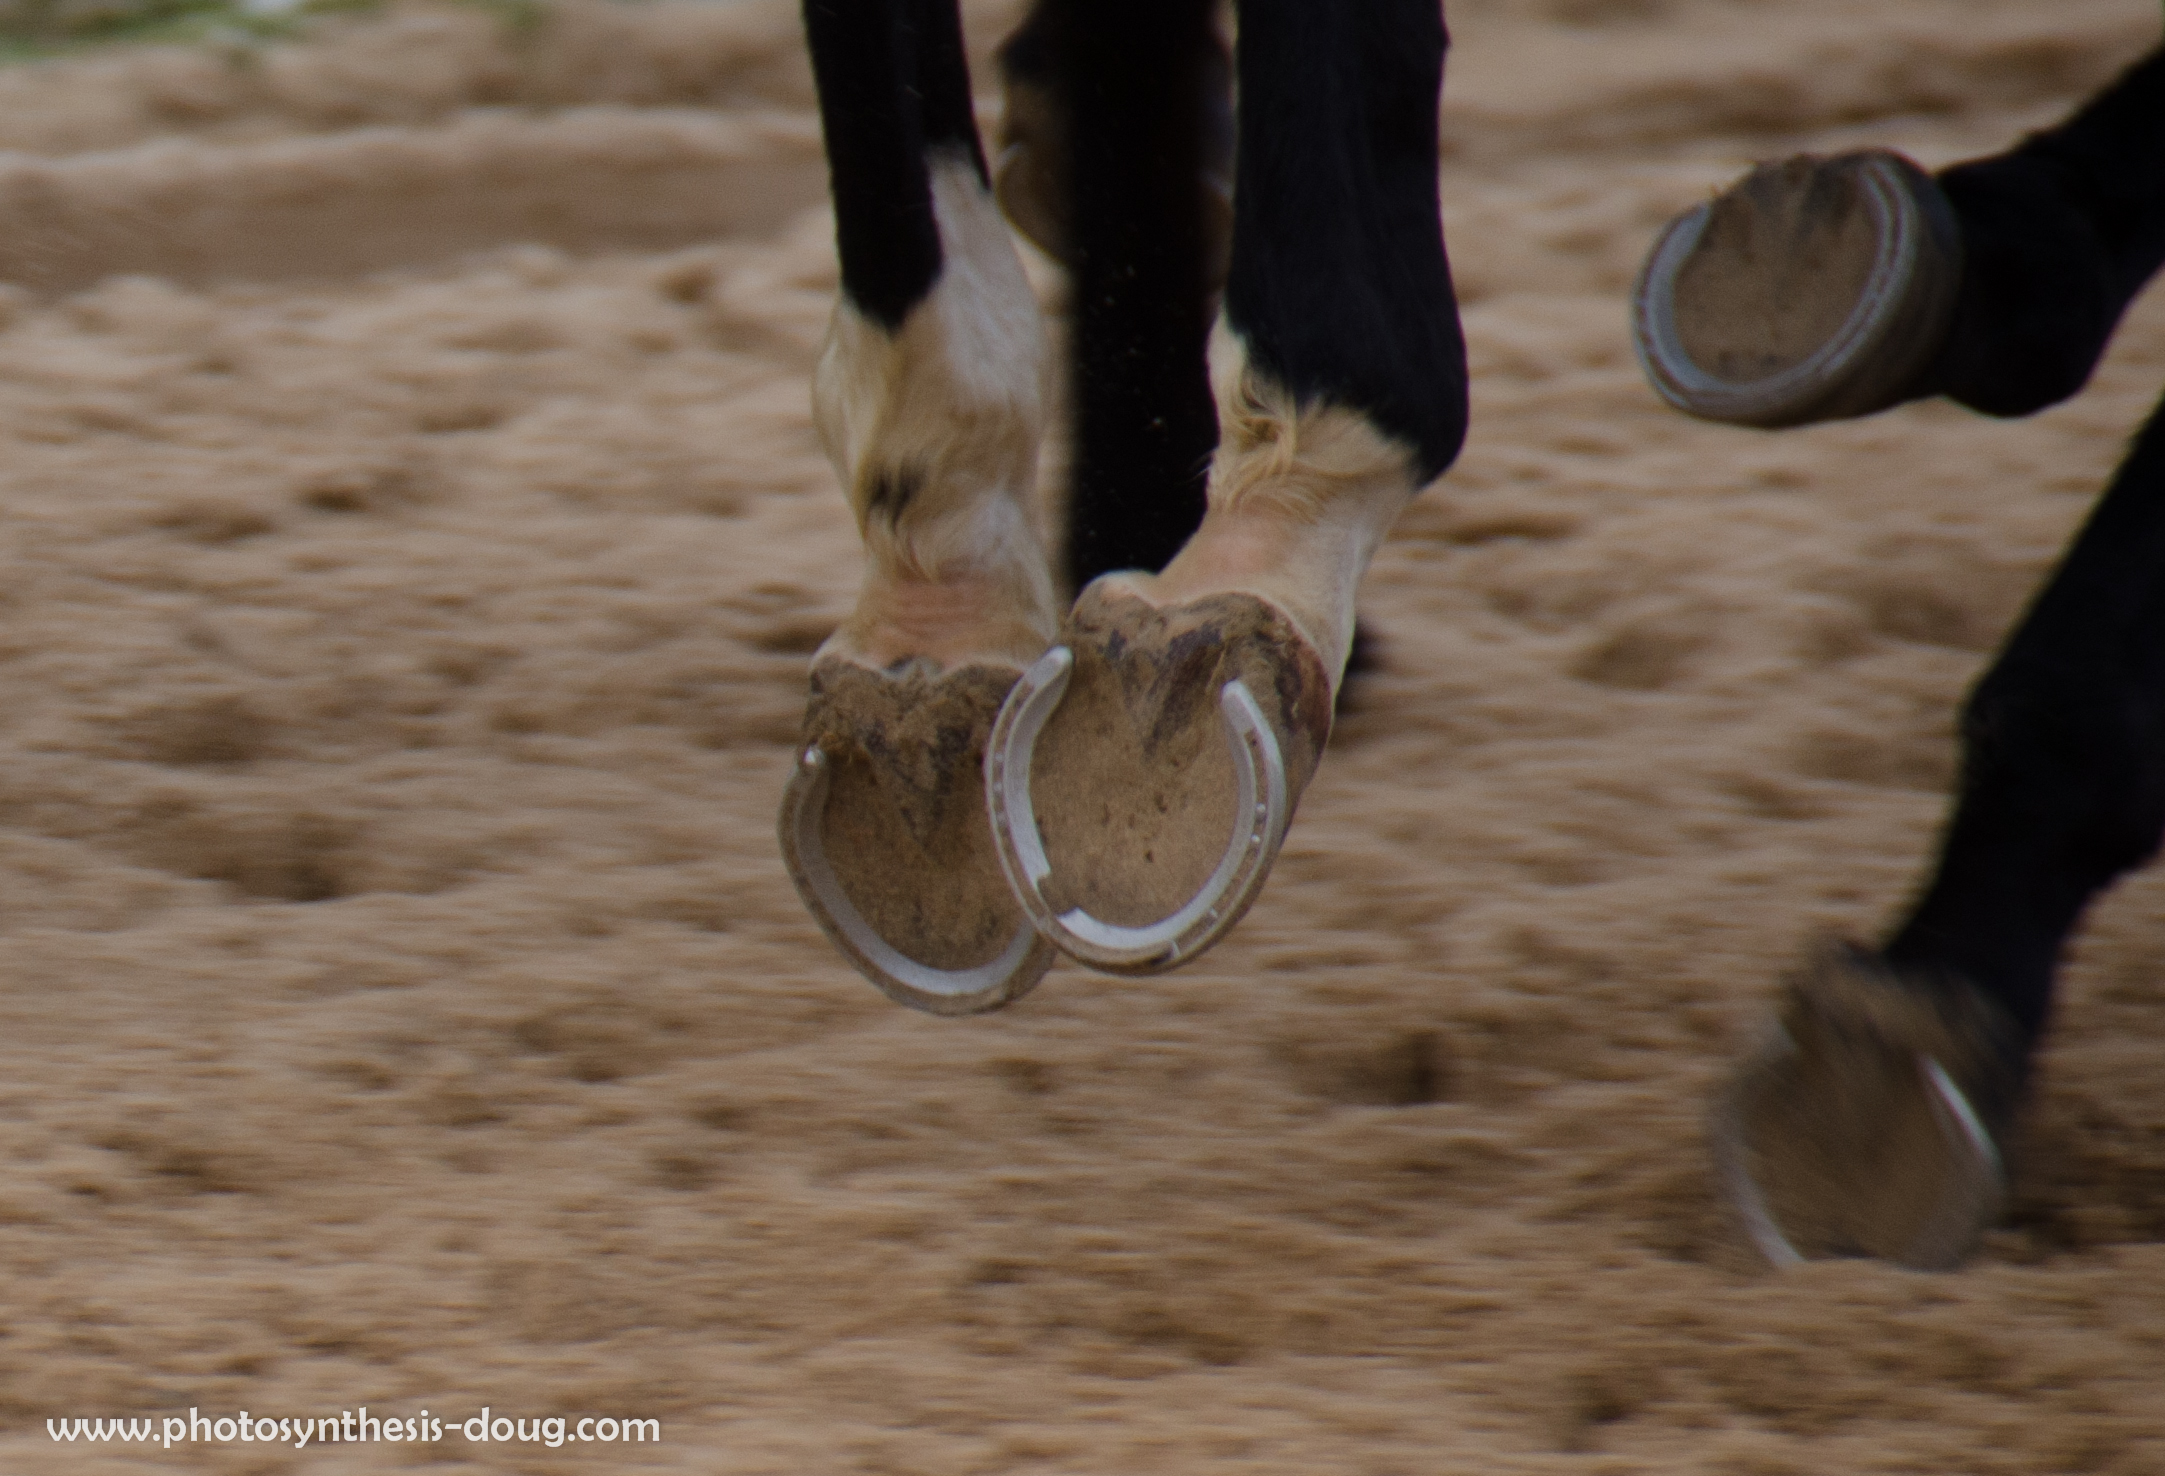 Horses running, Merryland Farm, MD, 2013